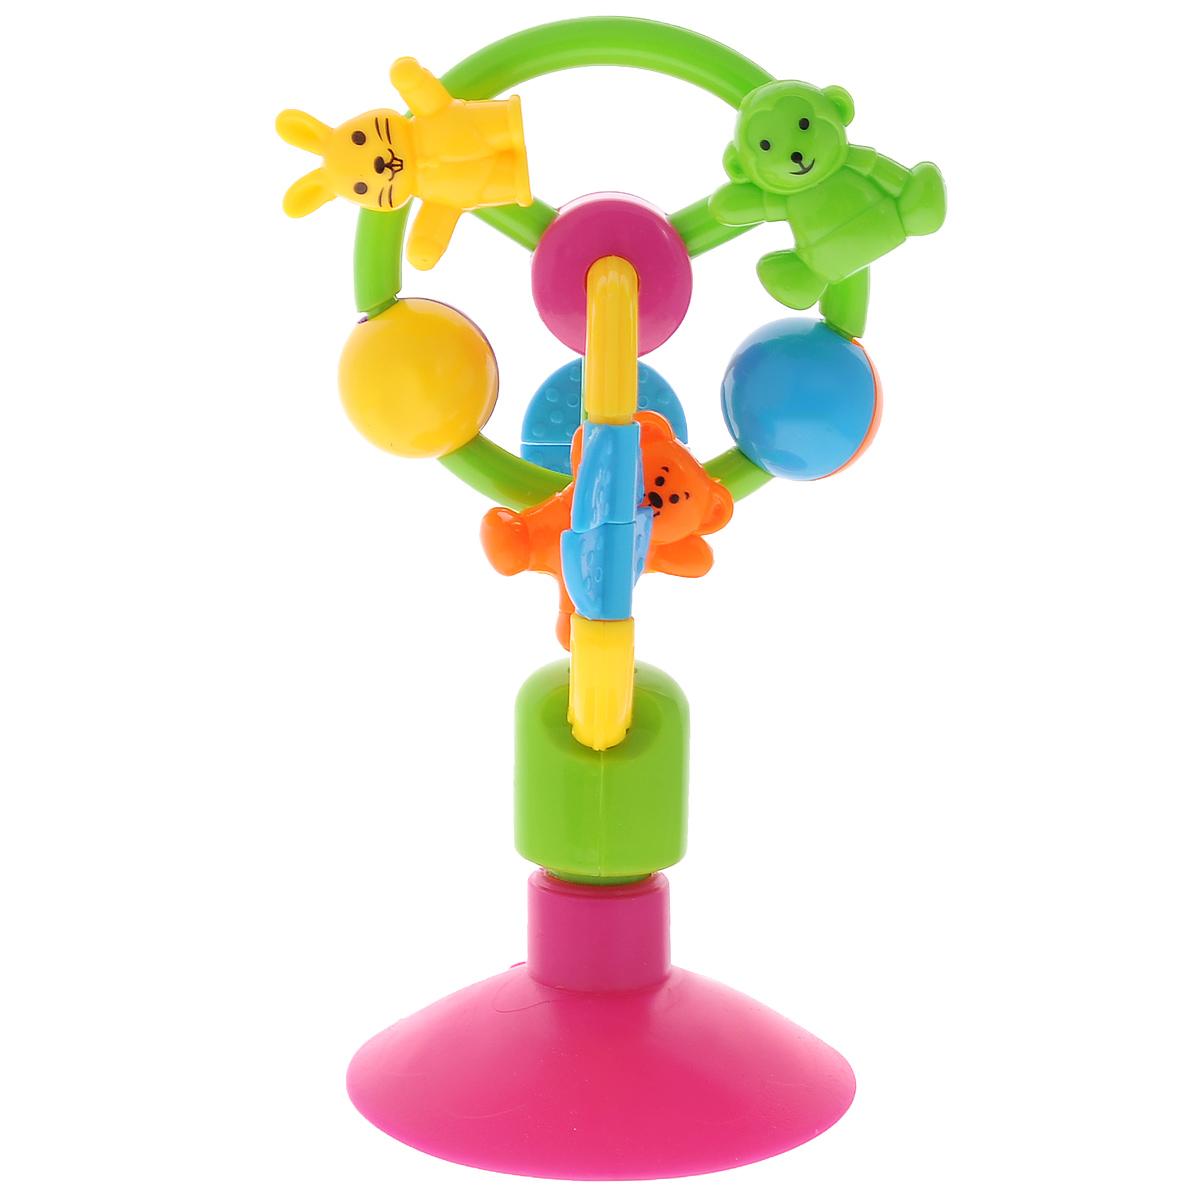 Погремушка-карусель Mioshi Зверюшки на КаруселиTY9027Погремушка-карусель Mioshi Зверюшки на Карусели - яркая погремушка для детей от 6 месяцев. Звонкие зверюшки порадуют малыша, привлекут внимание к себе и помогут развиваться весело и гармонично. Игрушка закрепляется при помощи присоски и карусель вращается. Во время игры малыш развивает мелкую моторику, восприятие формы и цвета предметов, а также слух и зрение. Дети в раннем возрасте всегда очень любознательны, они тщательно исследуют все, что попадает им в руки. Заботясь о здоровье и безопасности малышей, Mioshi выпускает только качественную продукцию, которая прошла сертификацию.